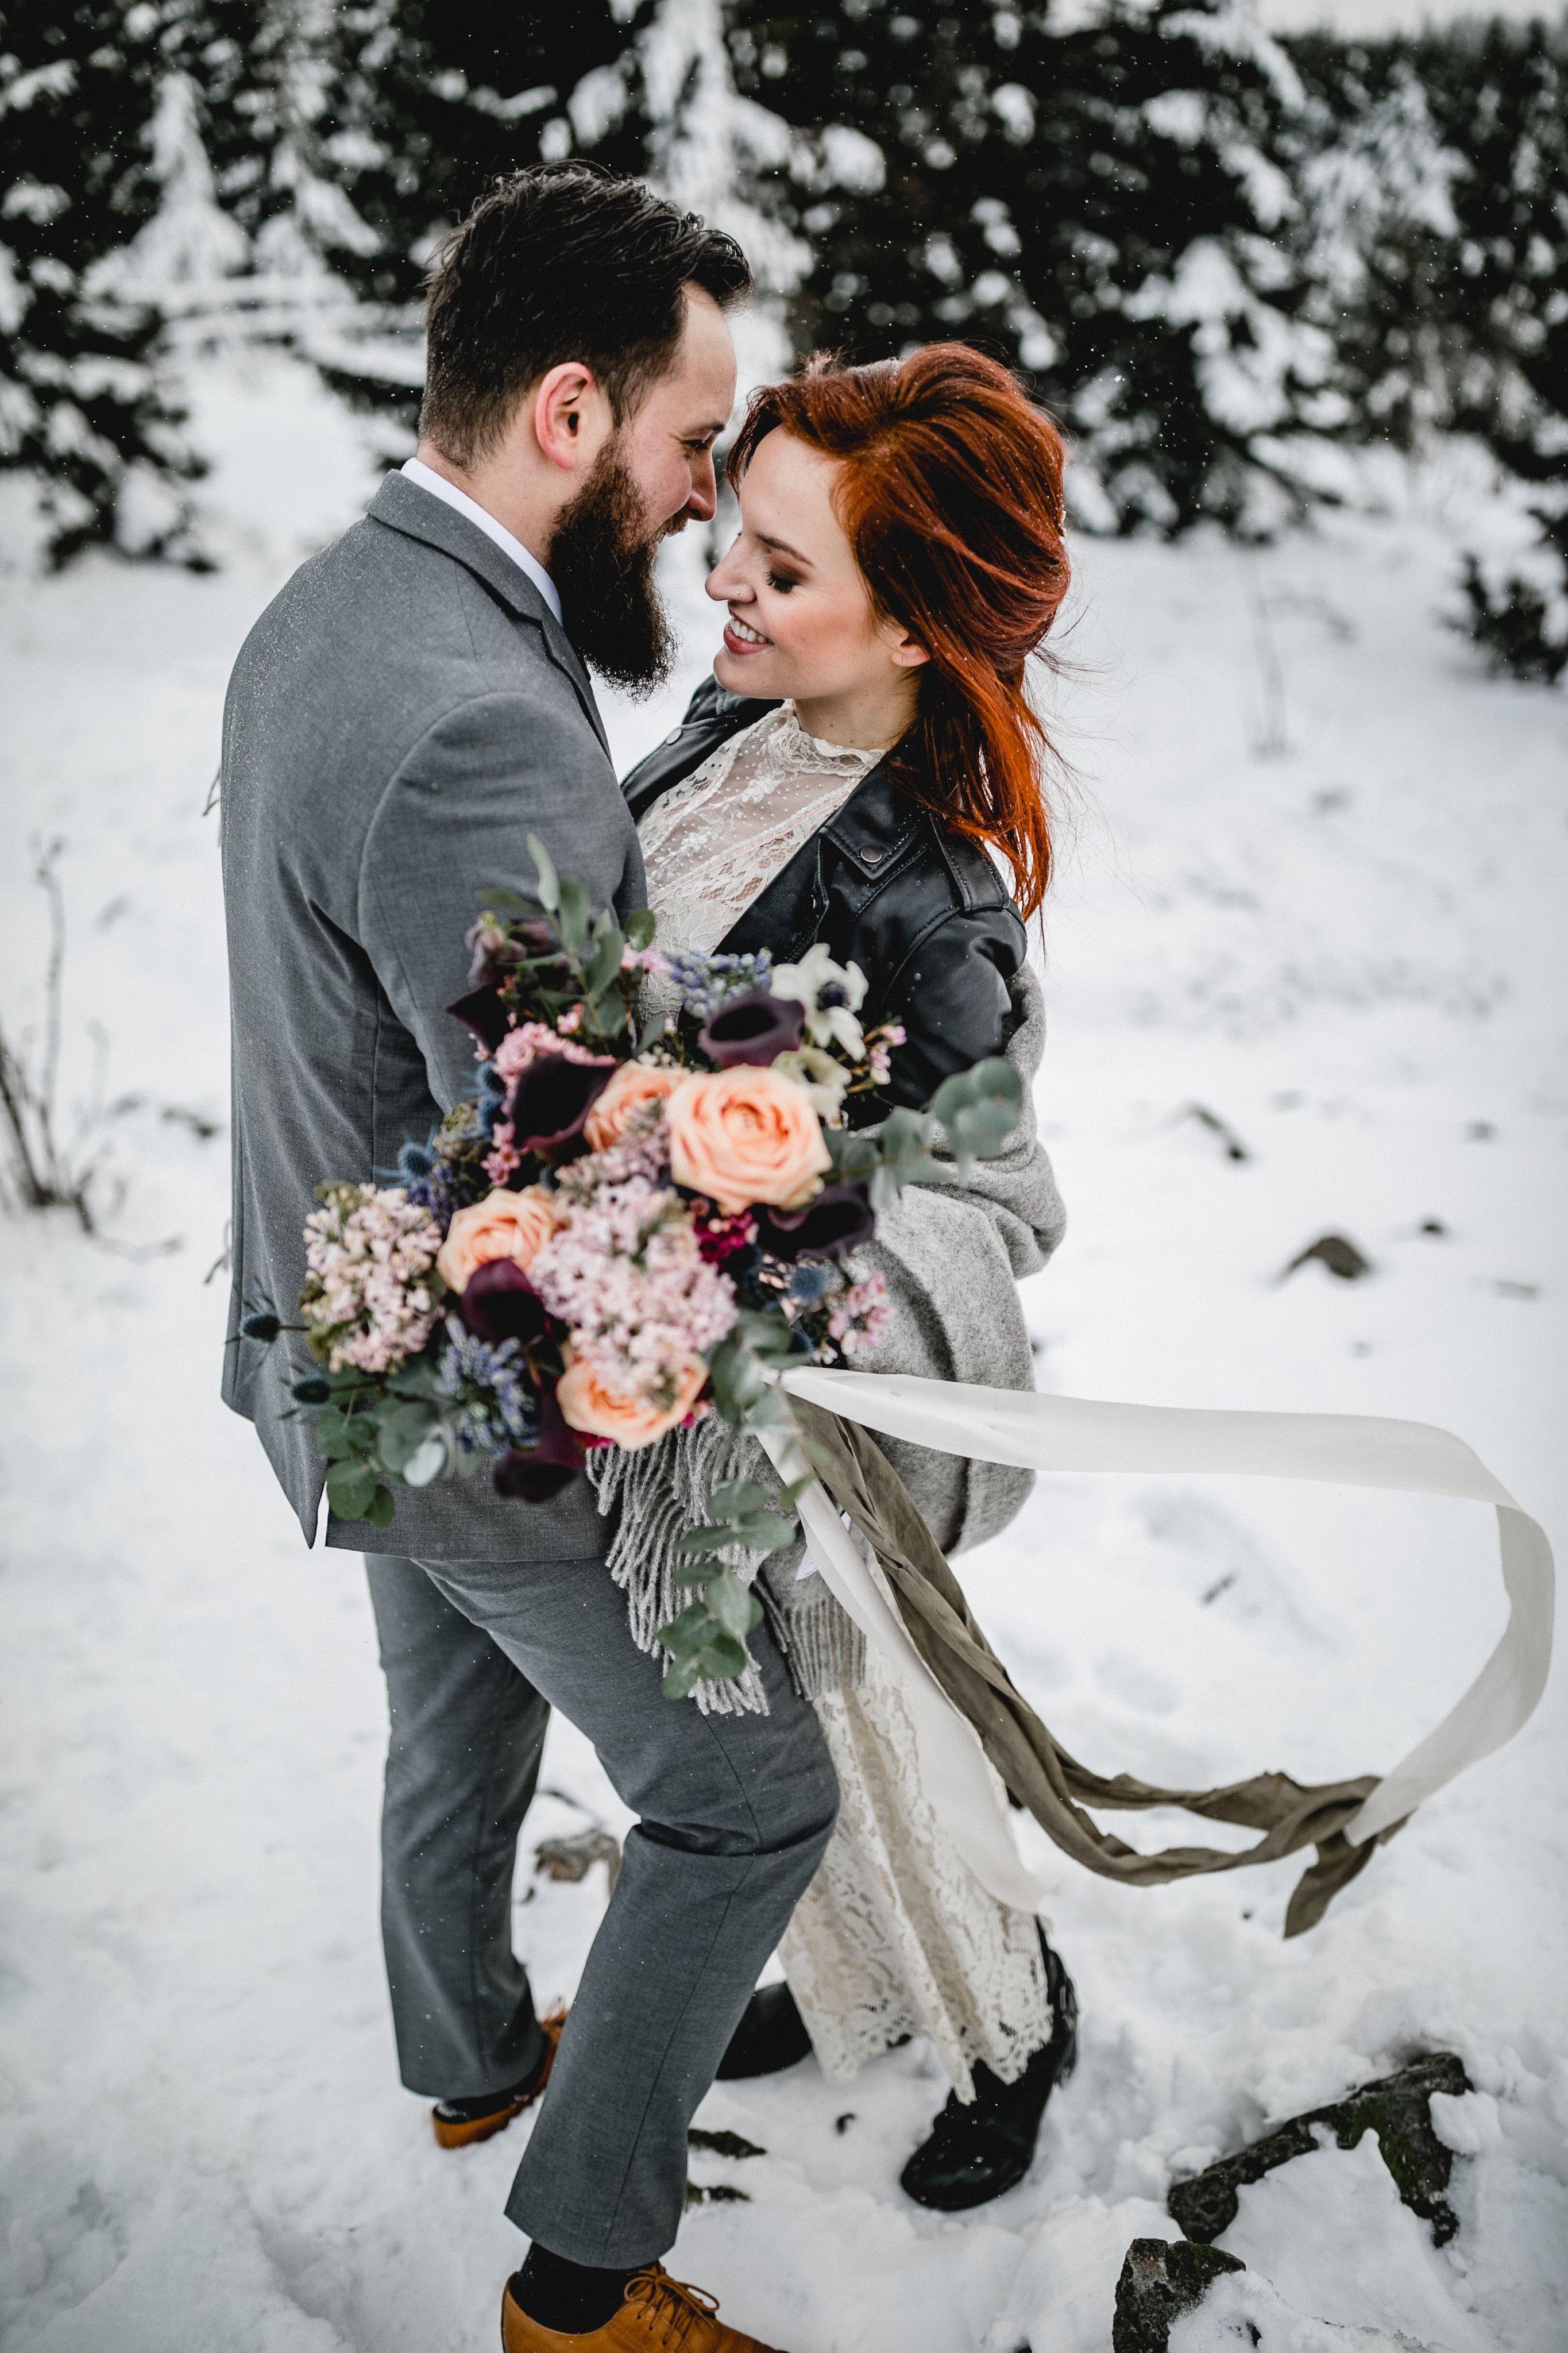 Winter Hochzeit Schnee Schneehochzeit Harz Hochzeit Berge